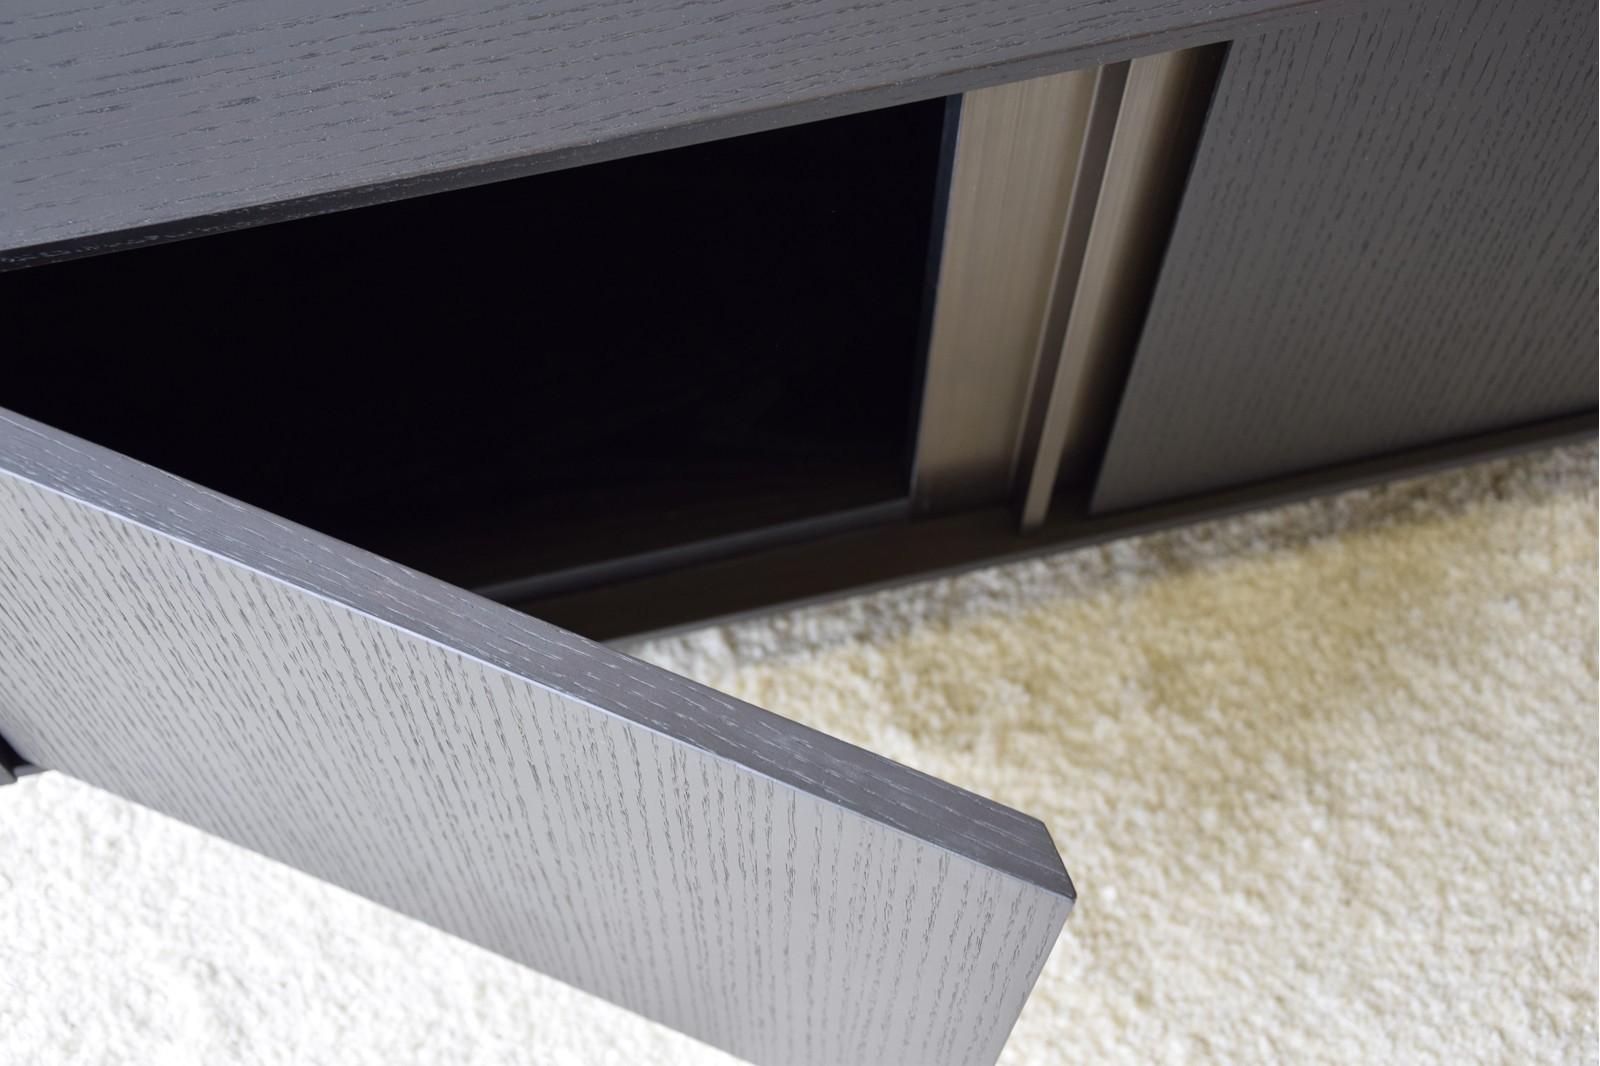 TV UNIT. MATT BLACK OAK WITH BRASS DETAILS